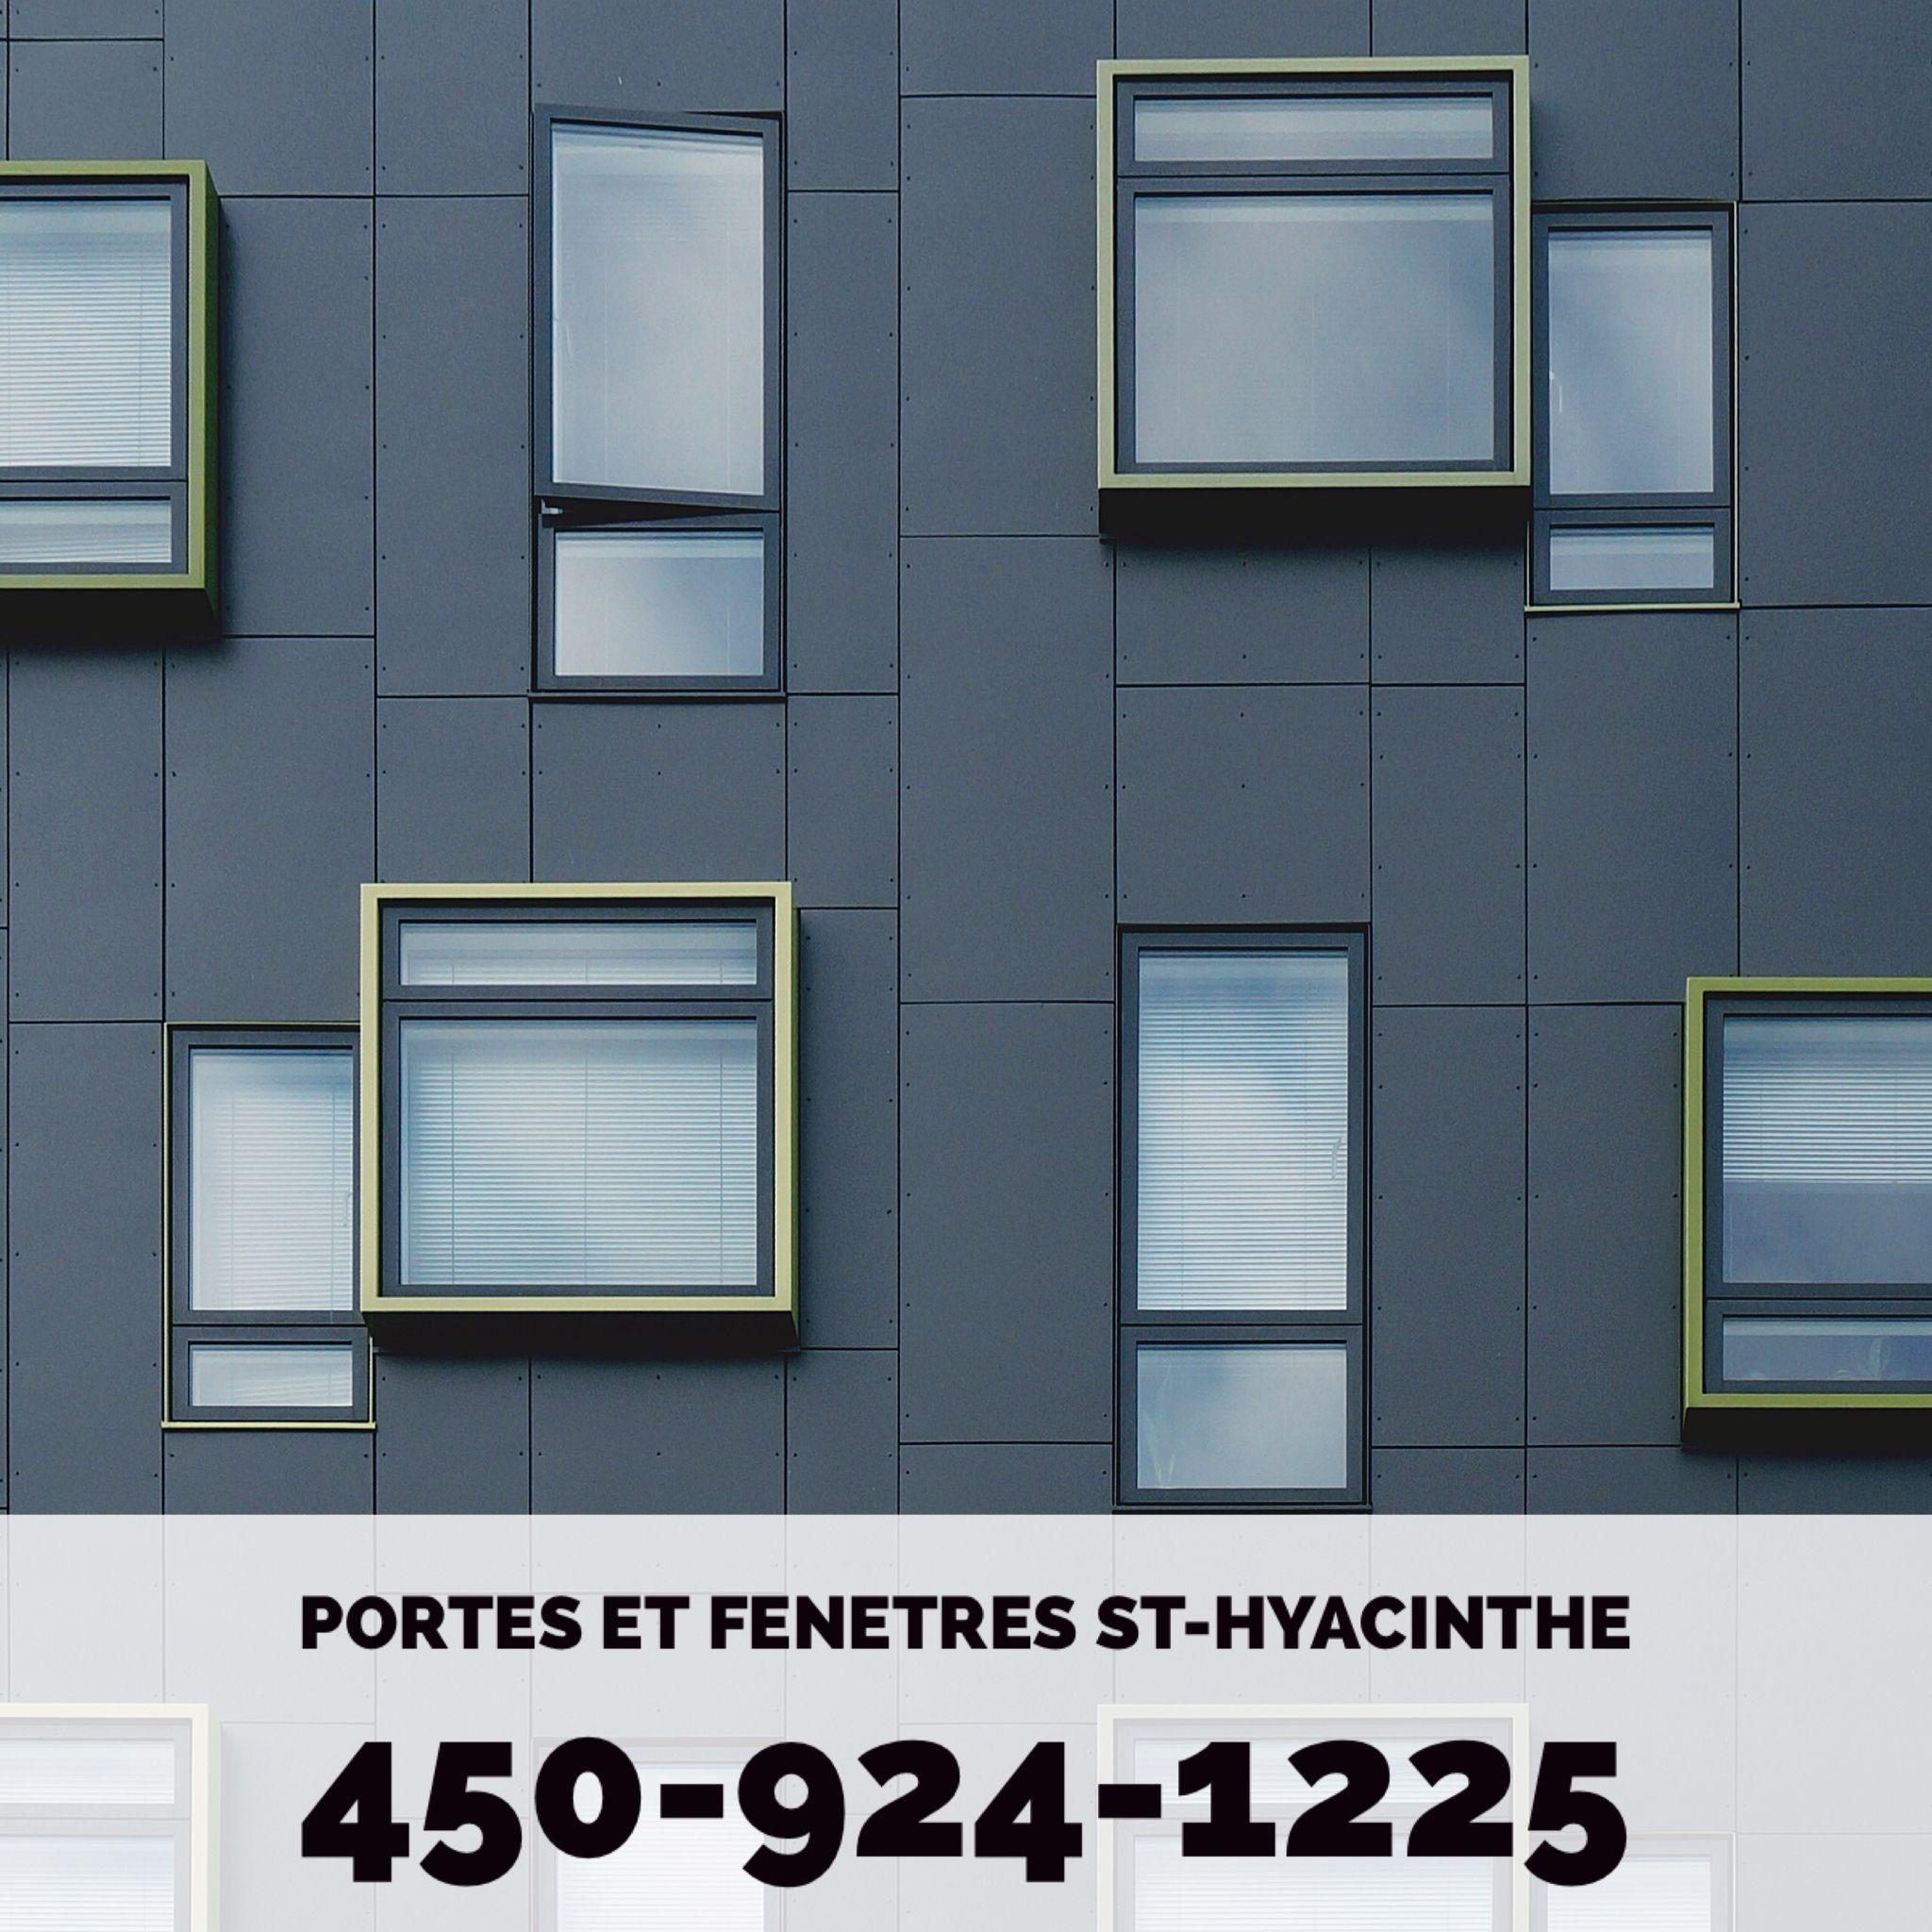 Portes Et Fenetres St Hyacinthe 450 924 1225 Www Portesetfenetresathyacinthe Ca Facade Design Pattern Modern Windows Exterior Facade Design